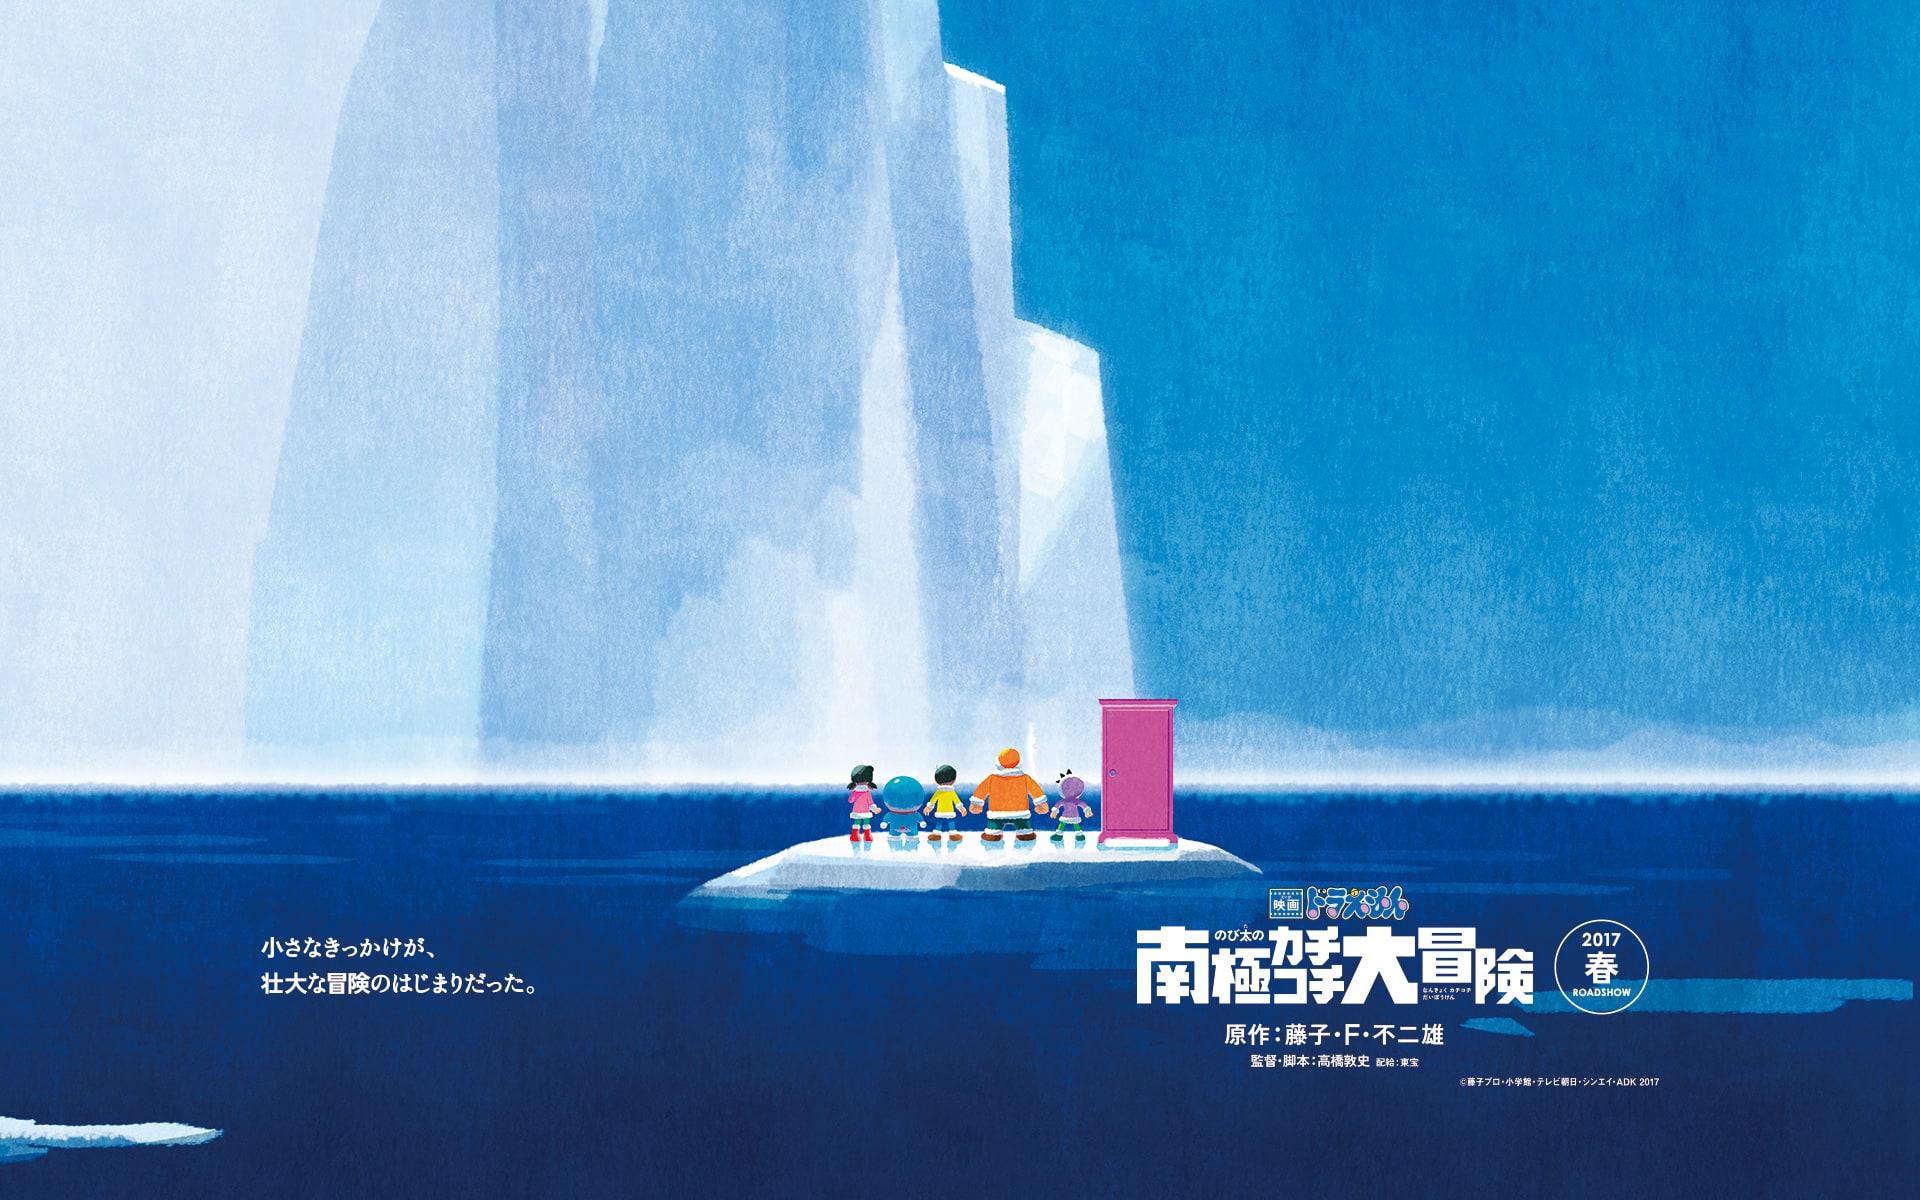 「ドラえもん 南極カチコチ大冒険」の画像検索結果